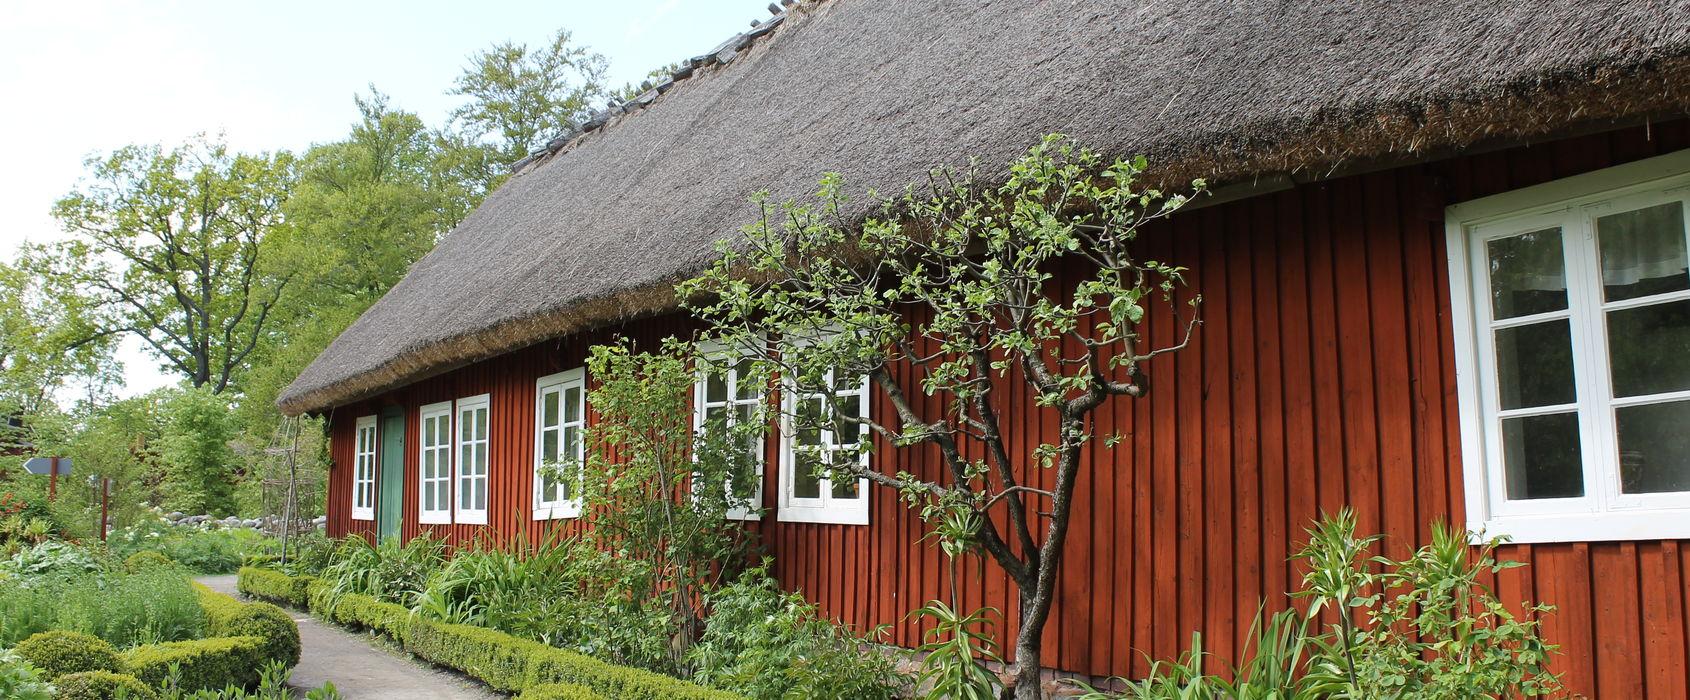 Skånegårdens have